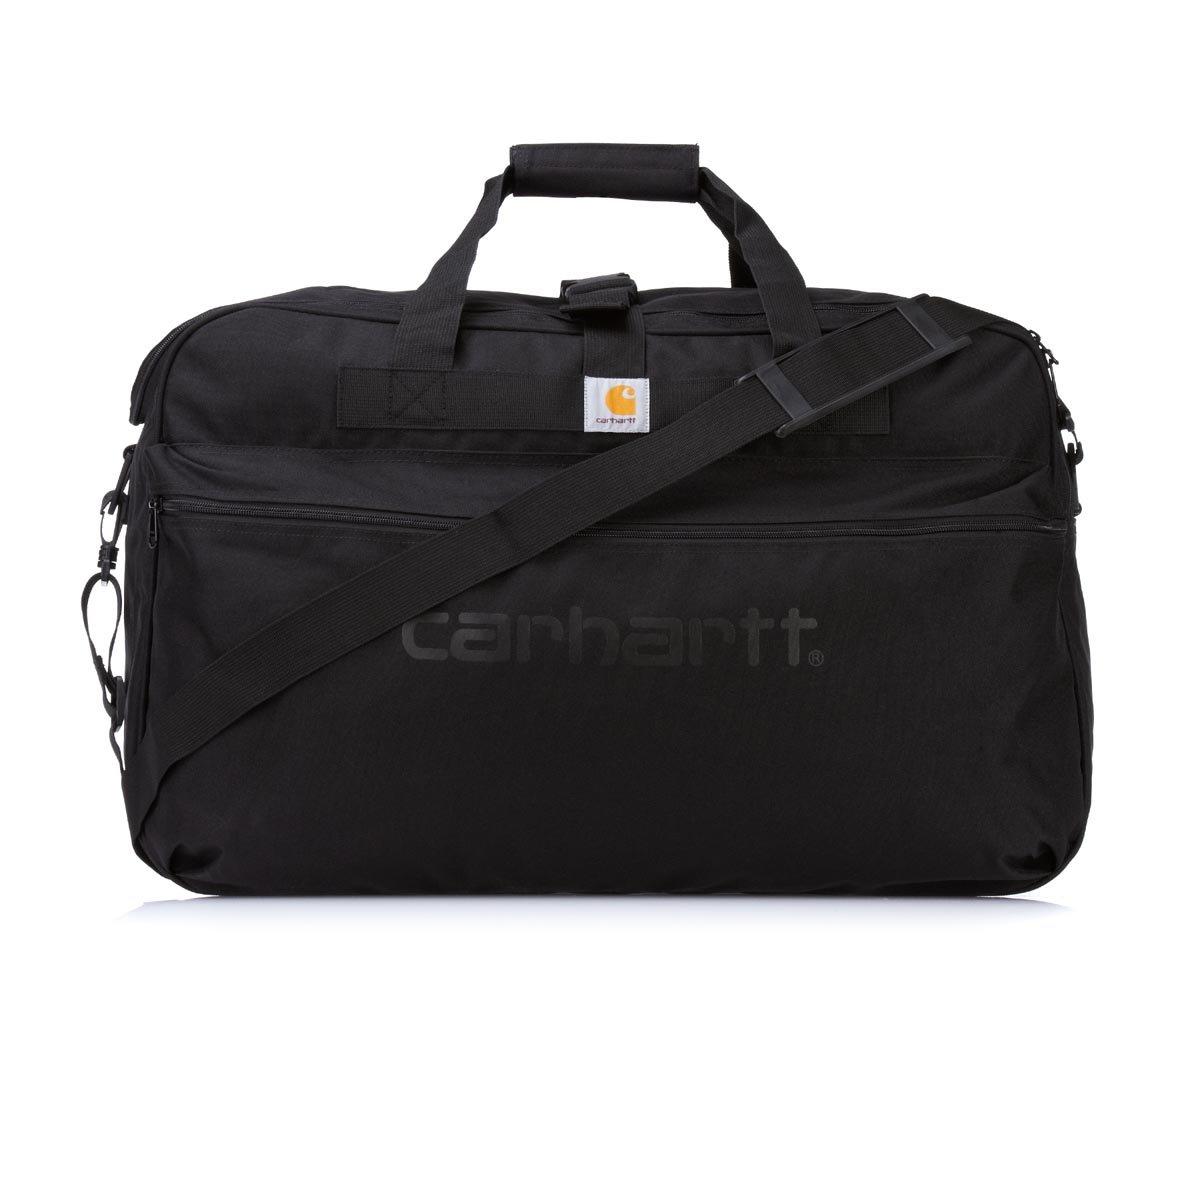 Carhartt - Sac SPORT Noir Carhartt Sport Bag Noir 49953298900